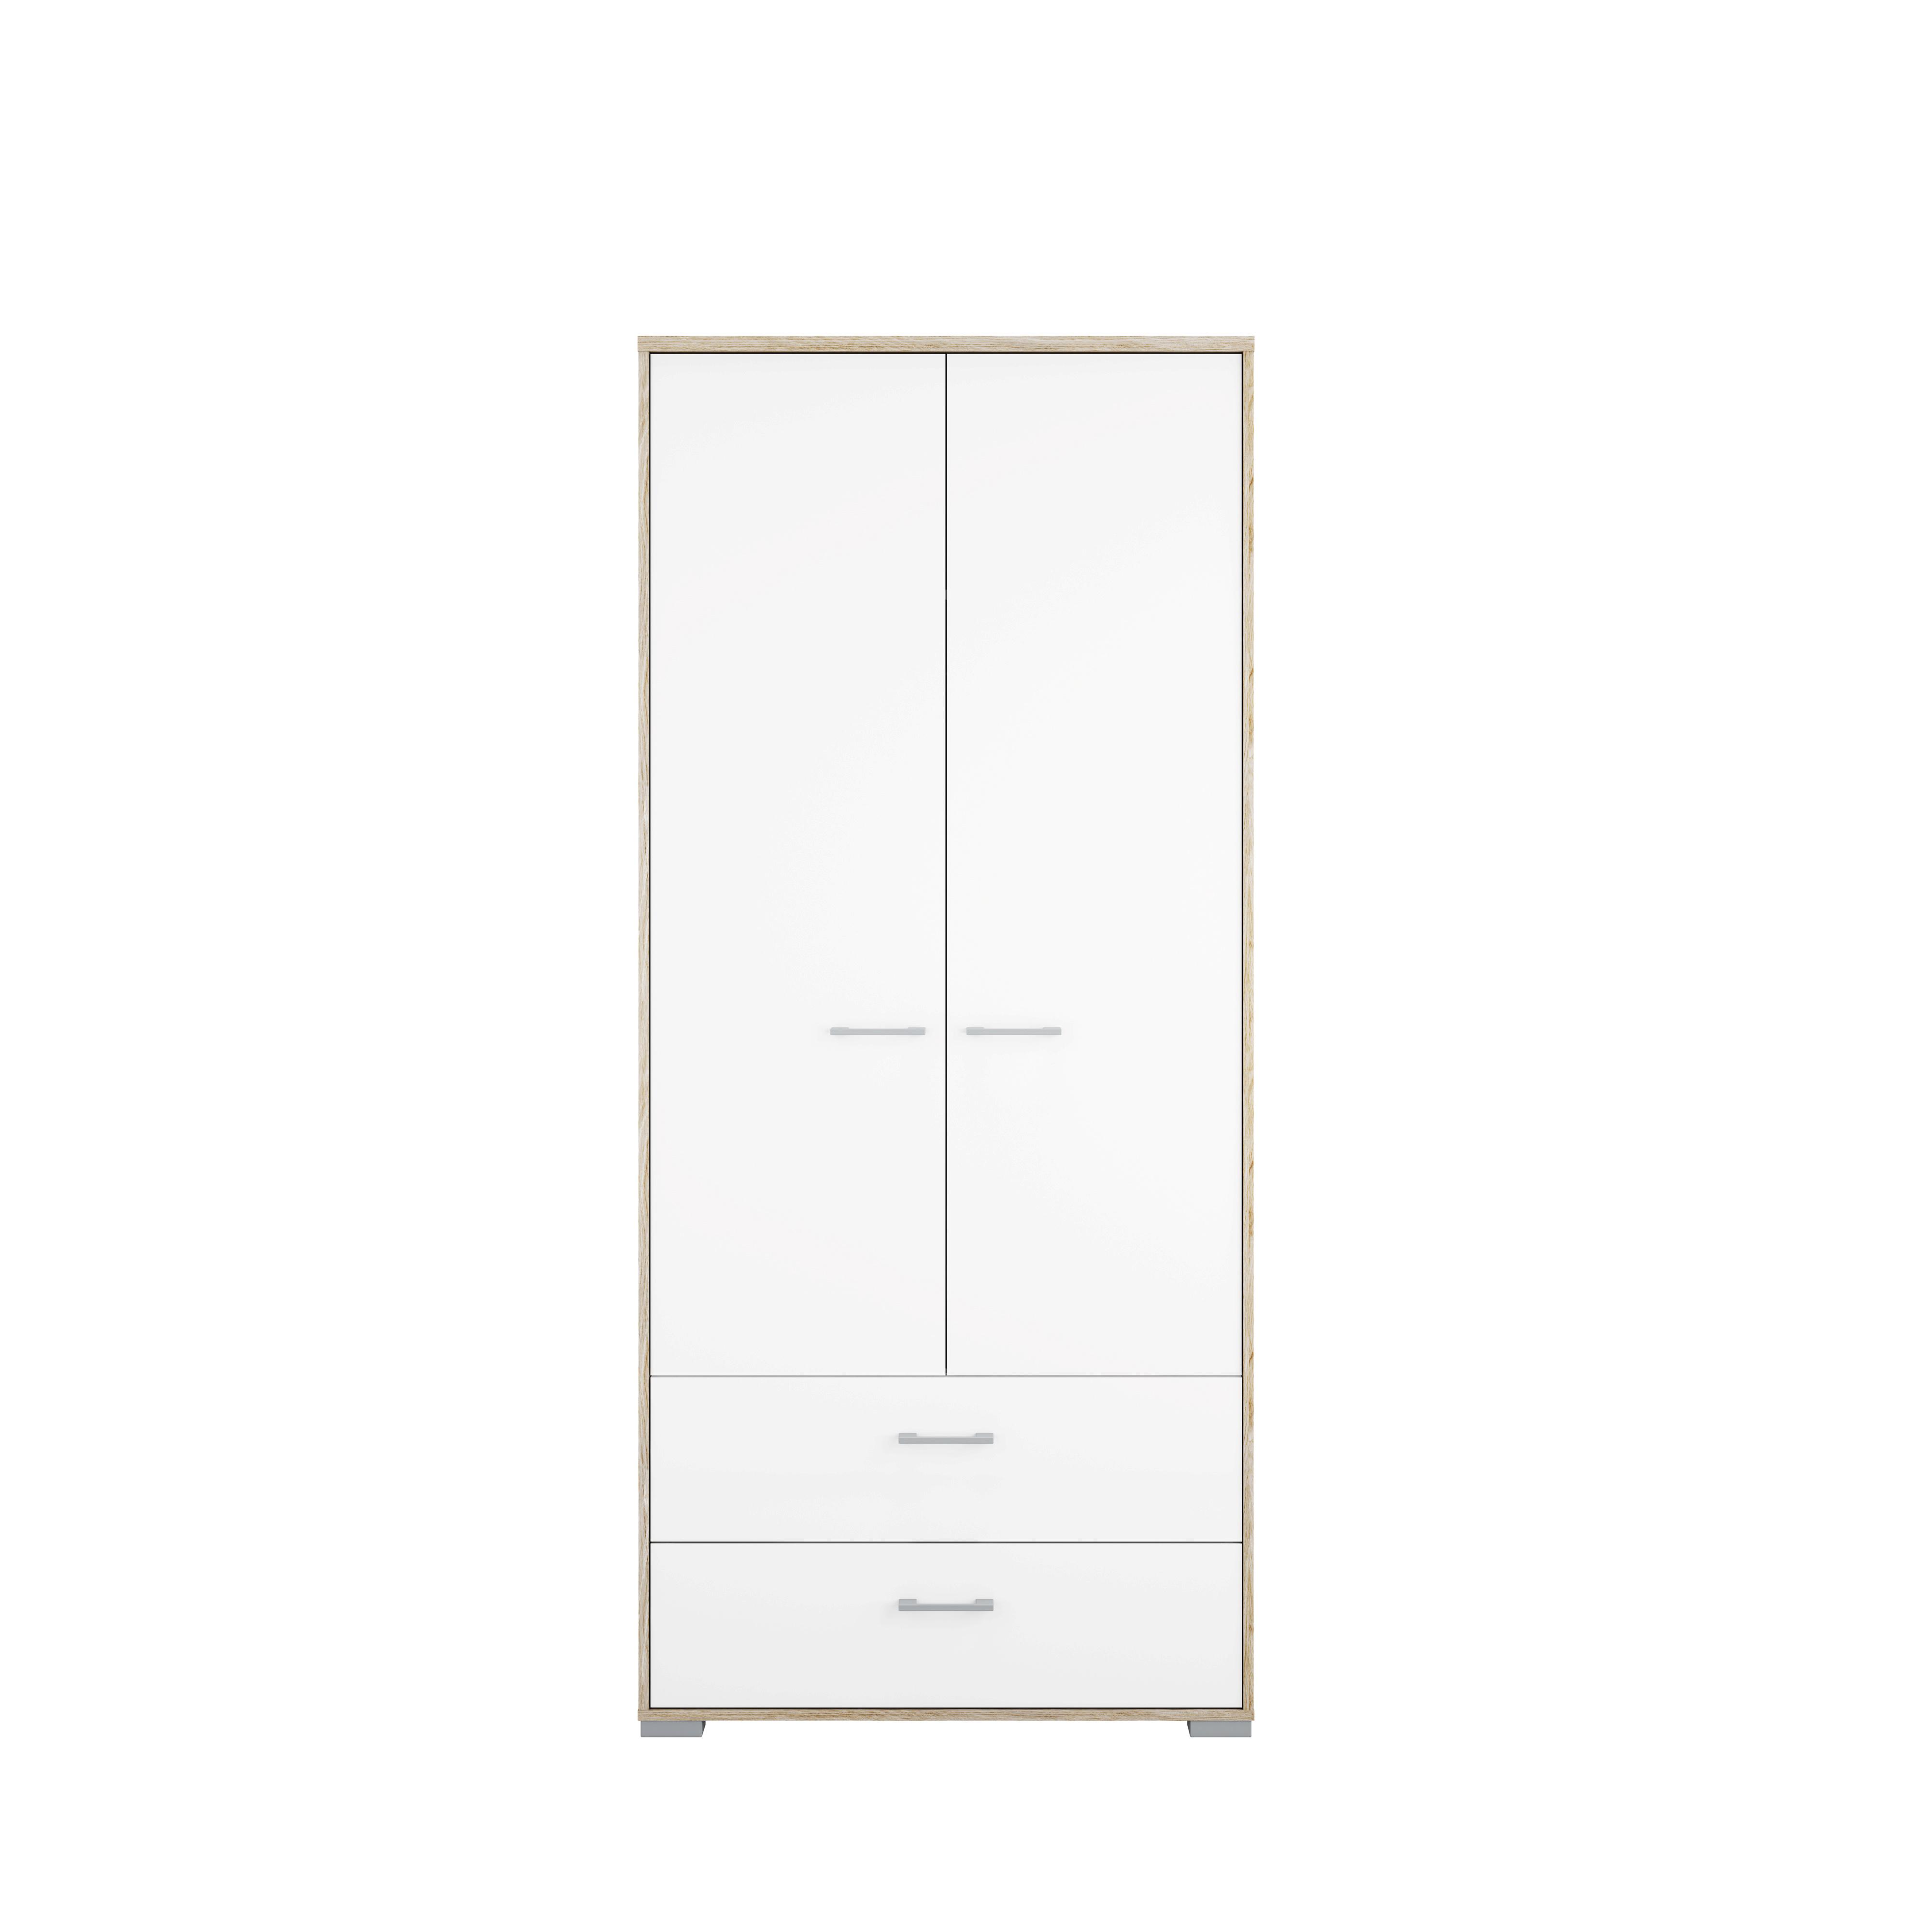 Garderobeskab 2 lger 2 skuffer i hvid hjglans - Homeline dekoration ...